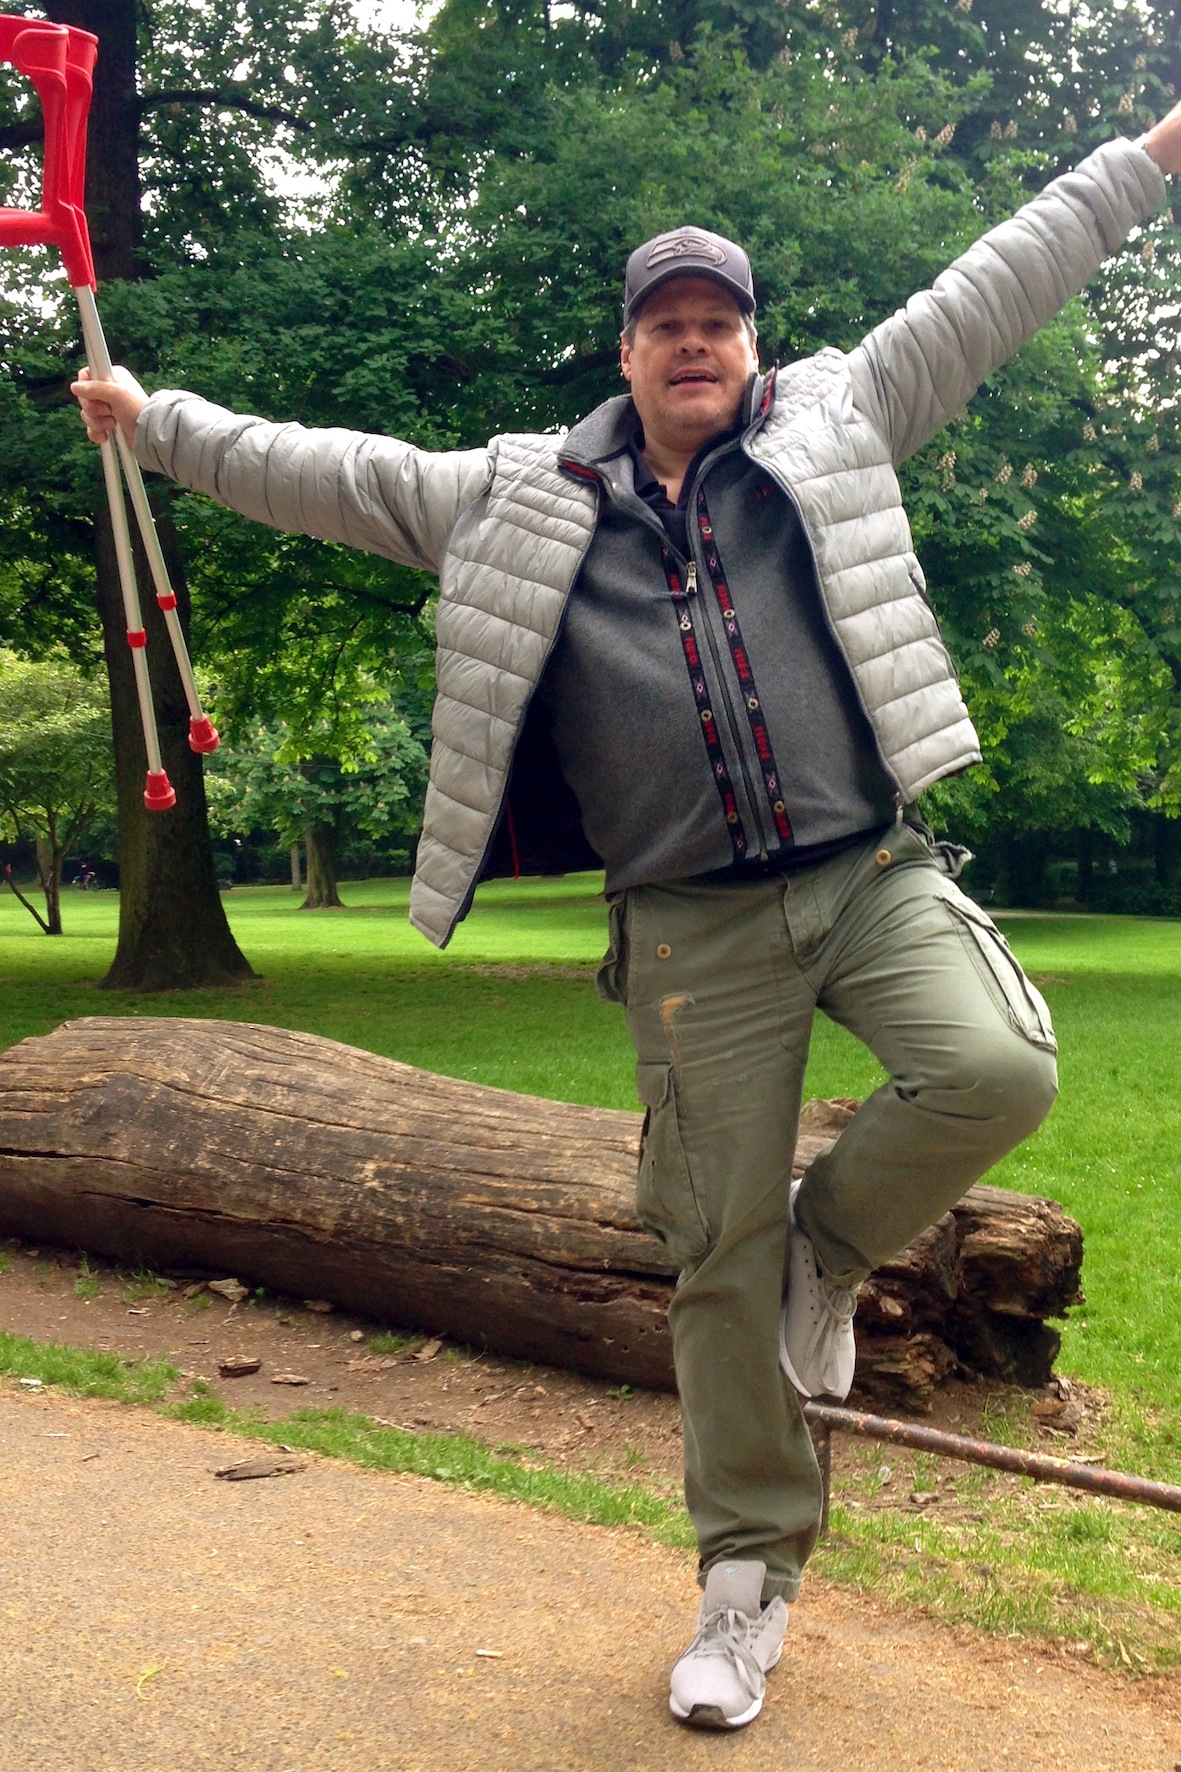 Hochgefühl: Endlich schmerzfrei gehen – der Autor im ersten, noch nicht golfbedingten Überschwang. (Foto: Michael F. Basche)